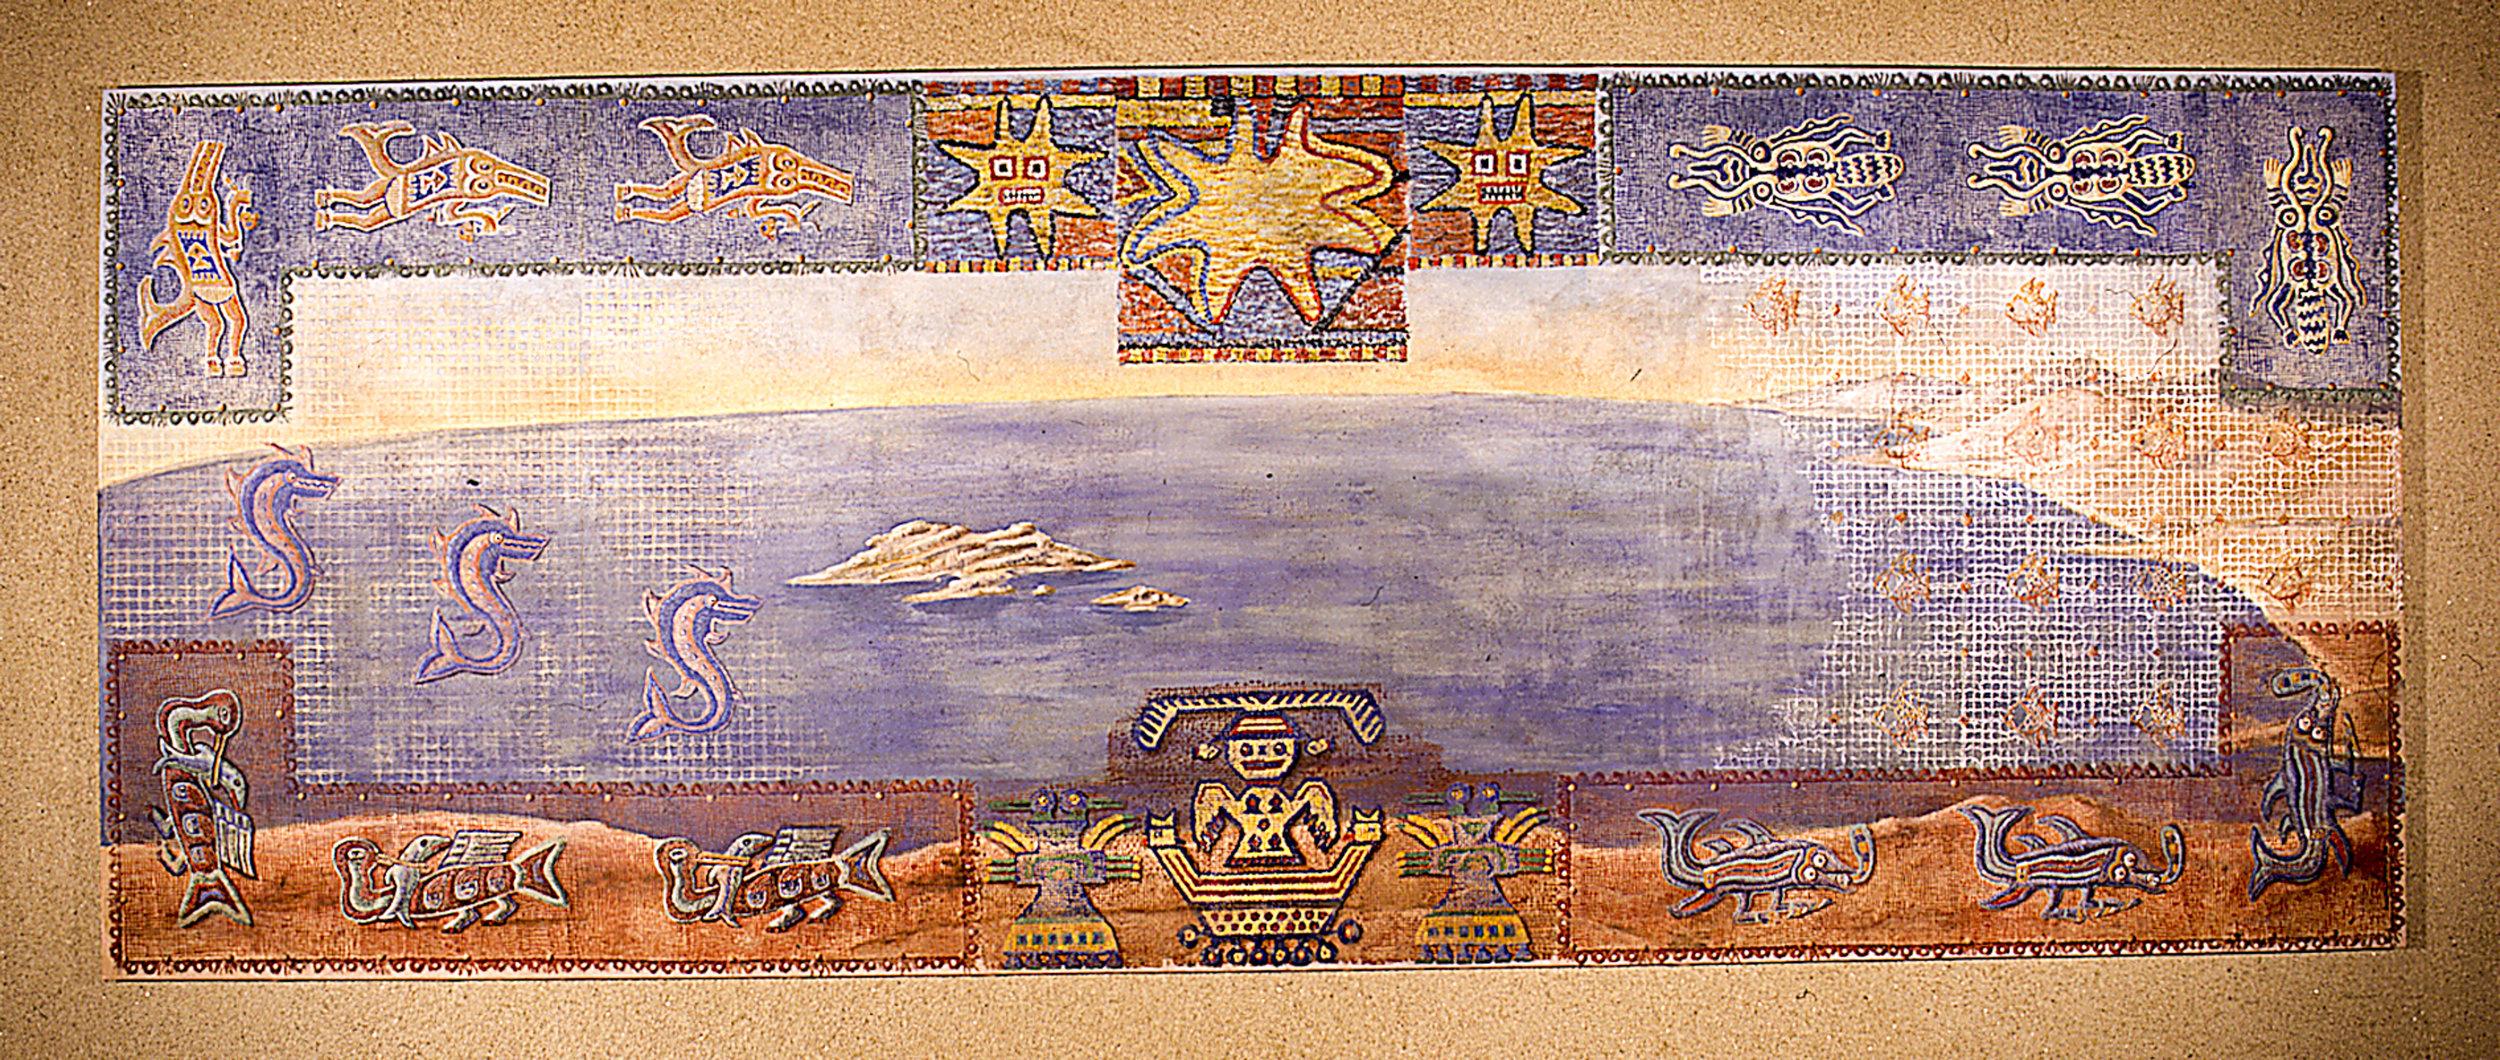 Mural representing the sea